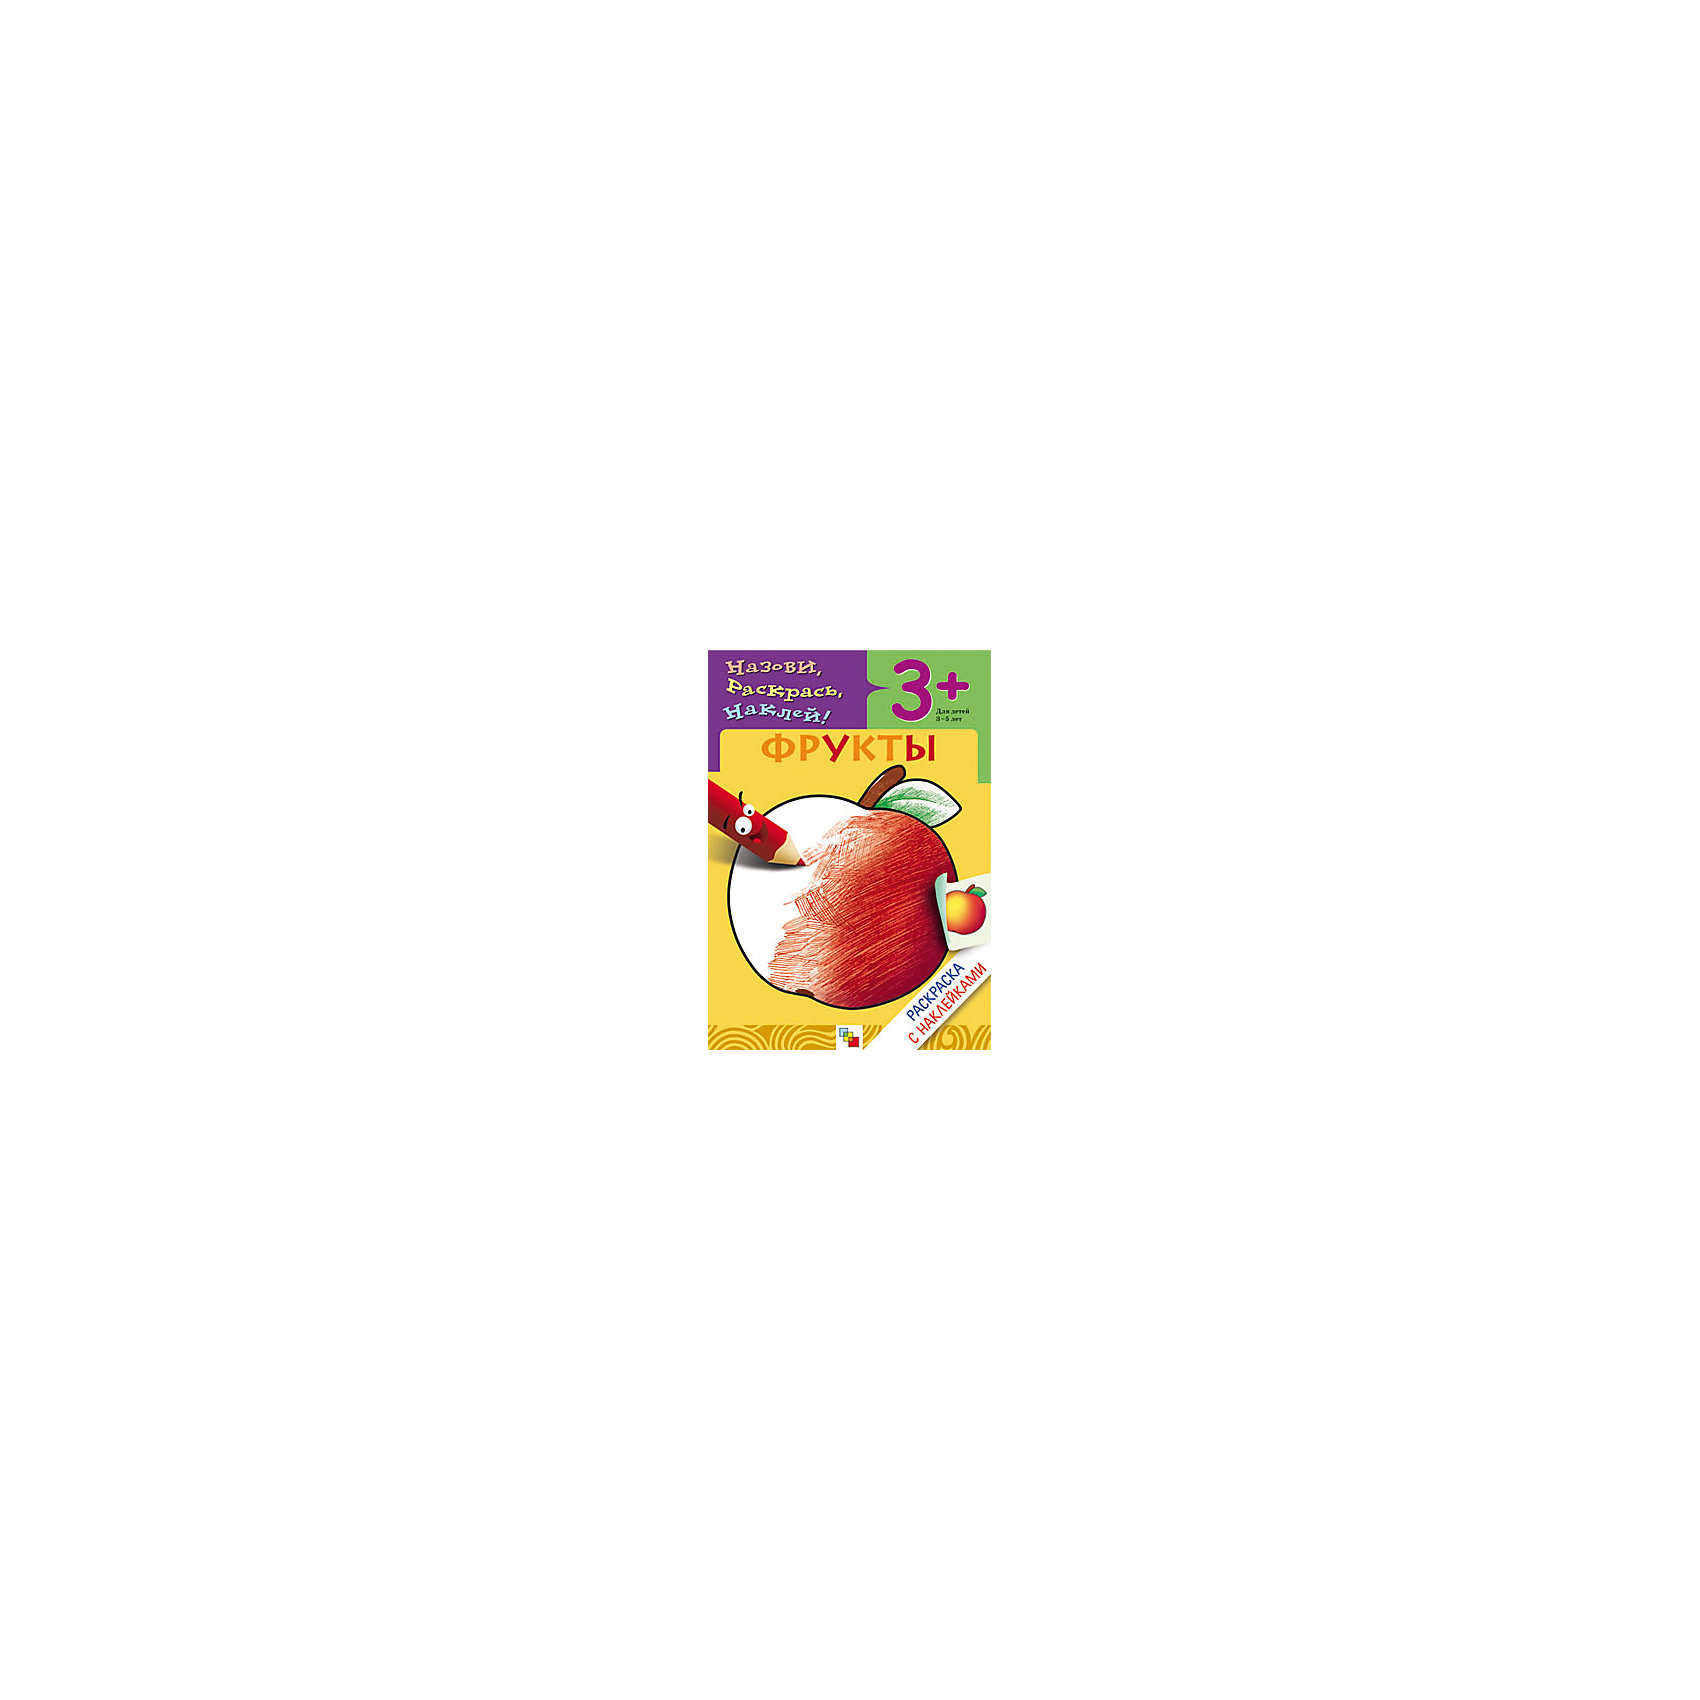 Раскраска с наклейками ФруктыРазвивающие книги<br>Раскраска с наклейками.Фрукты.<br>Замечательные познавательные раскраски серии Назови, раскрась, наклей! издательства Мозаика-Синтез не оставят равнодушным ни одного малыша!<br>Раскраска Фрукты содержит изображения: яблоко, груша, банан, апельсин, ананас, лимон, персик, вишня.<br>Книжки-раскраски этой серии очень удобного формата (размер детской раскраски -17*24 см.), их легко взять с собой на прогулку, в поликлинику, в гости.<br>Яркие красочные наклейки, четкий контур, реалистичность изображения.<br>С помощью раскрасок данной серии малыш узнает много нового и интересного о животных, птицах, растениях и множестве других вещей.<br>Раскраску приятно взять в руки: качественная плотная белая бумага, яркие наклейки.<br>На каждой страничке представлен один предмет.<br> Сверху - небольшое четверостишие о персонаже, рядом - место для наклейки, а под стихотворением - непосредственно раскраска.<br>Сзади - на форзаце книги приведено несколько заданий, которые можно выполнить, используя дополнительные наклейки.<br> Например, приклеить недостающие буквы в слове или же наклейку с тем или иным предметом (животным).<br>В каждой книжке-раскраске - изображения 8 предметов или животных.<br>С наклейками книжка оживает, по сути превращаясь в развивающий атлас на данную тему.<br>Соберите полную коллекцию развивающих раскрасок!<br>Такой мини-атлас пригодится для определения грибов, ягод, деревьев в лесу, или для классификации животных при посещении зоопарка или цирка.<br><br>Ширина мм: 20<br>Глубина мм: 170<br>Высота мм: 240<br>Вес г: 64<br>Возраст от месяцев: 36<br>Возраст до месяцев: 60<br>Пол: Унисекс<br>Возраст: Детский<br>SKU: 5562604